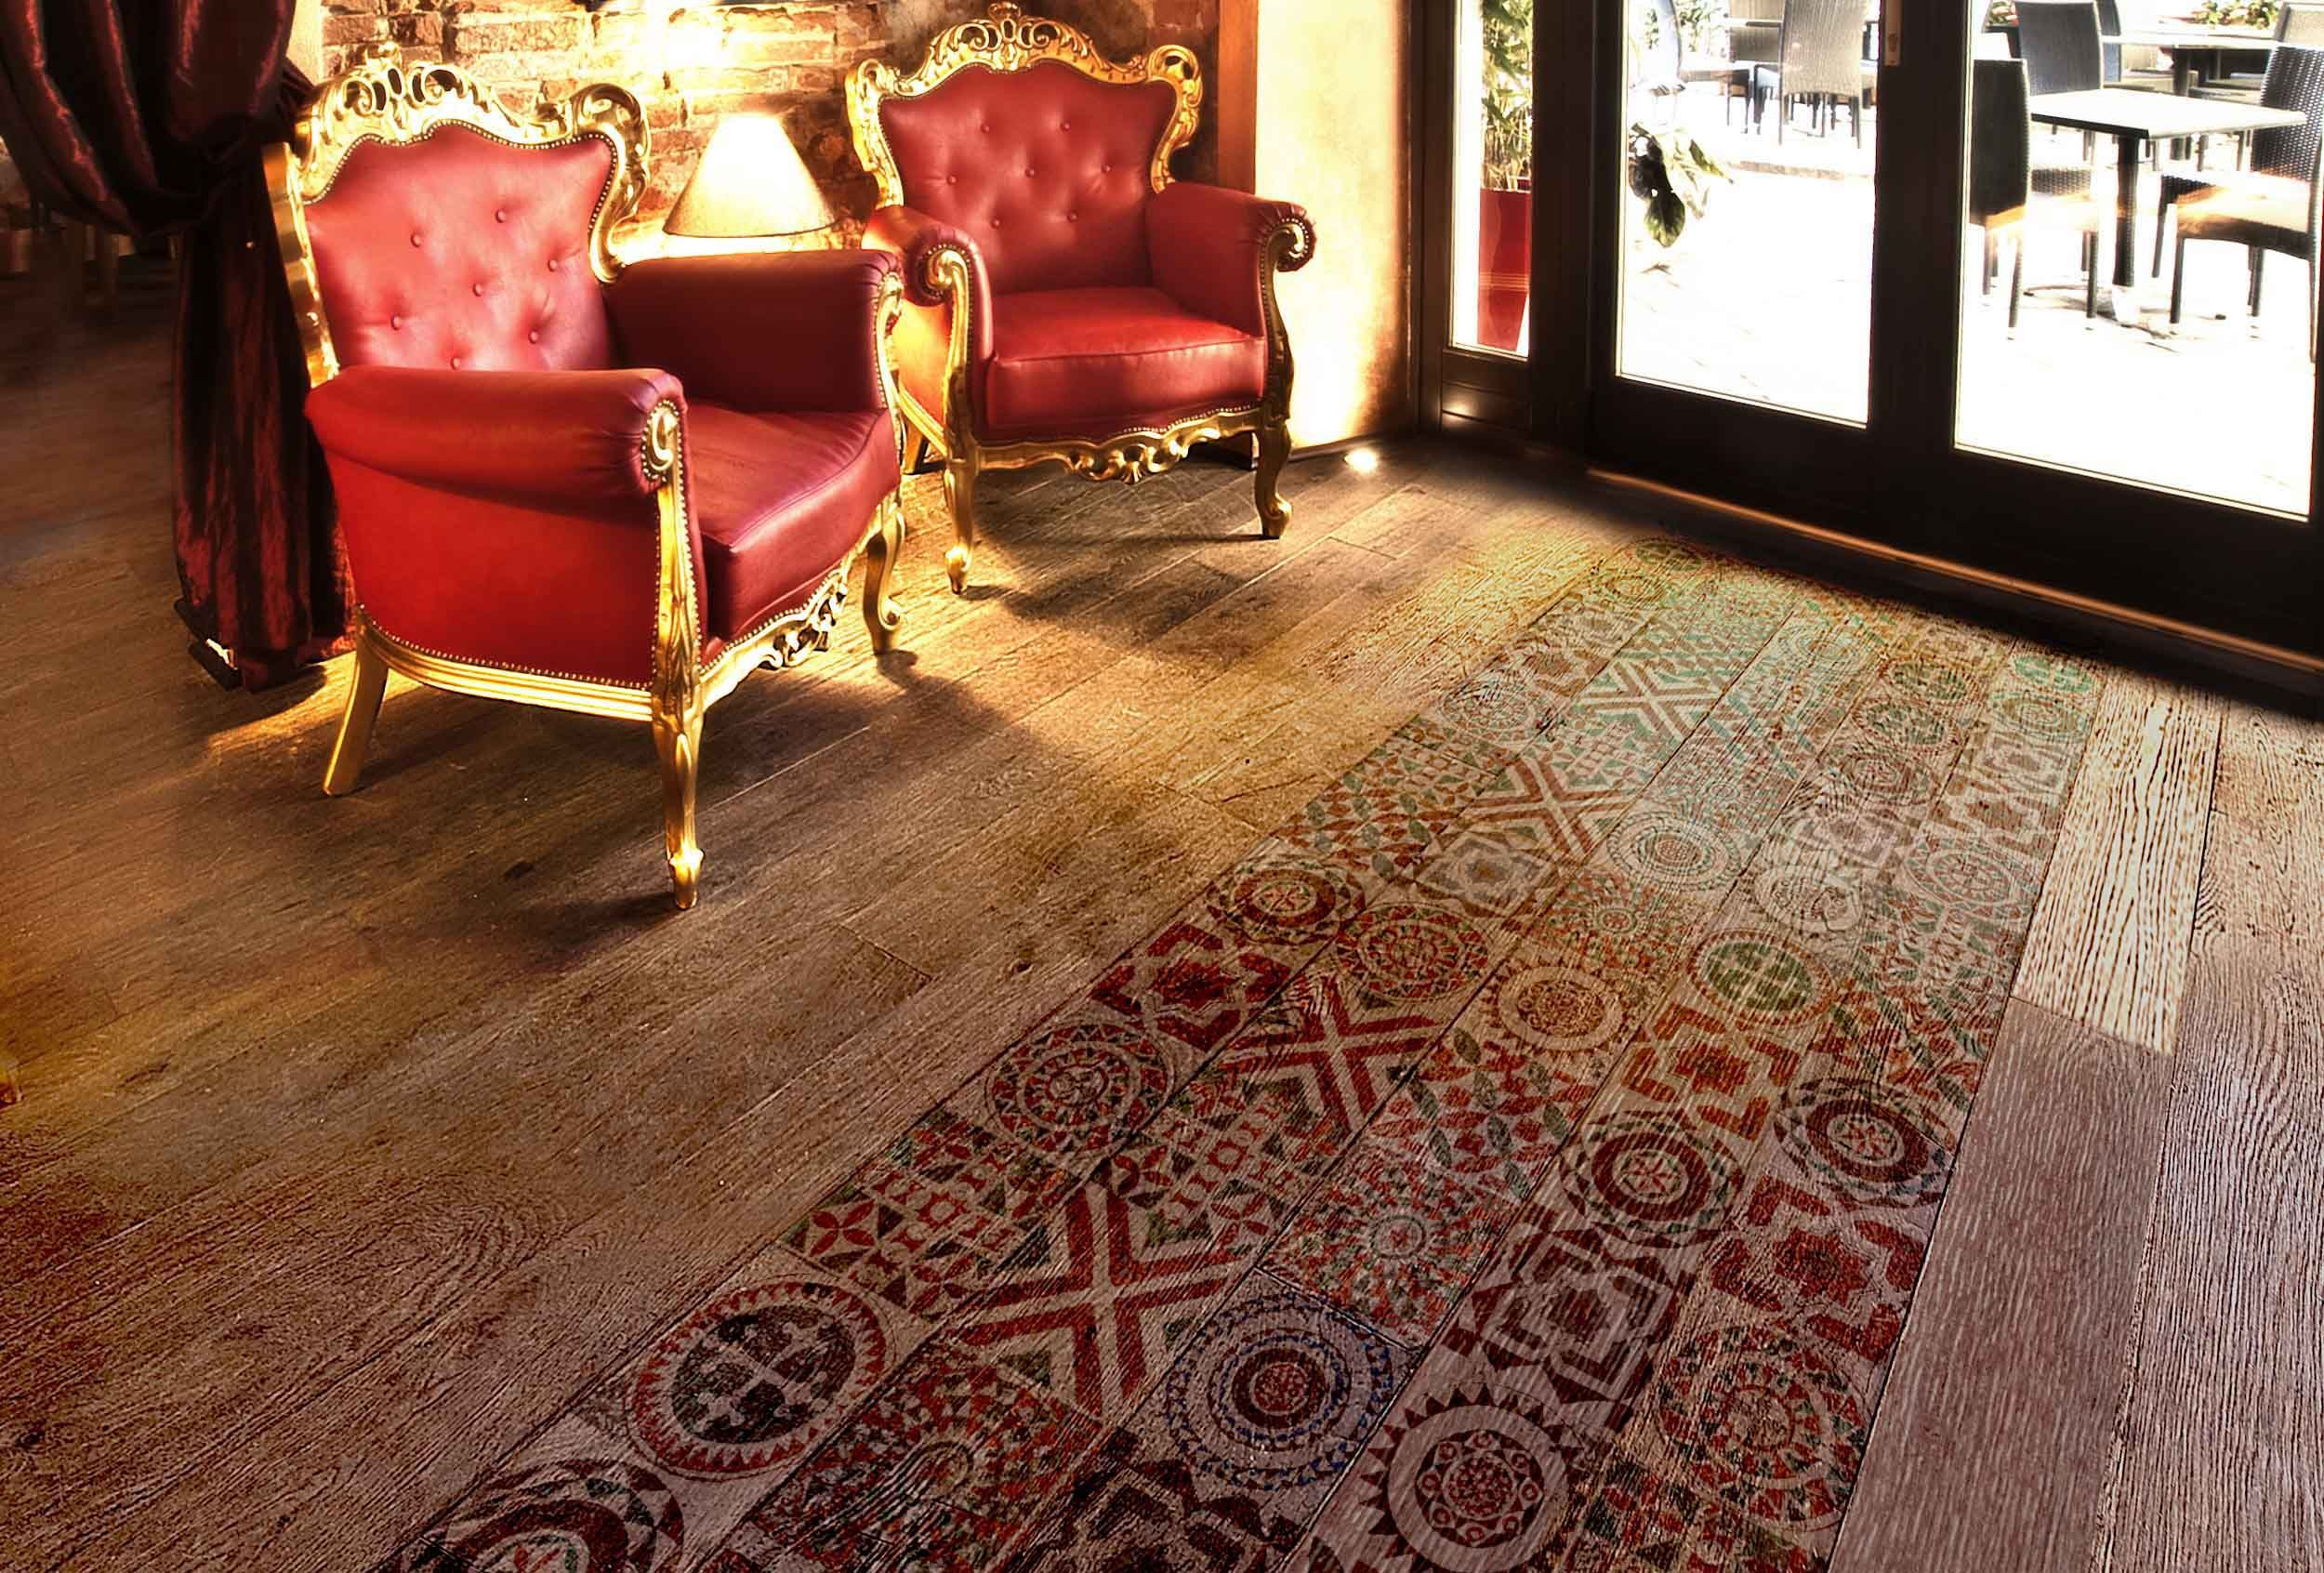 Su misura pavimento d pvc adesivo carta da parati d tappeto